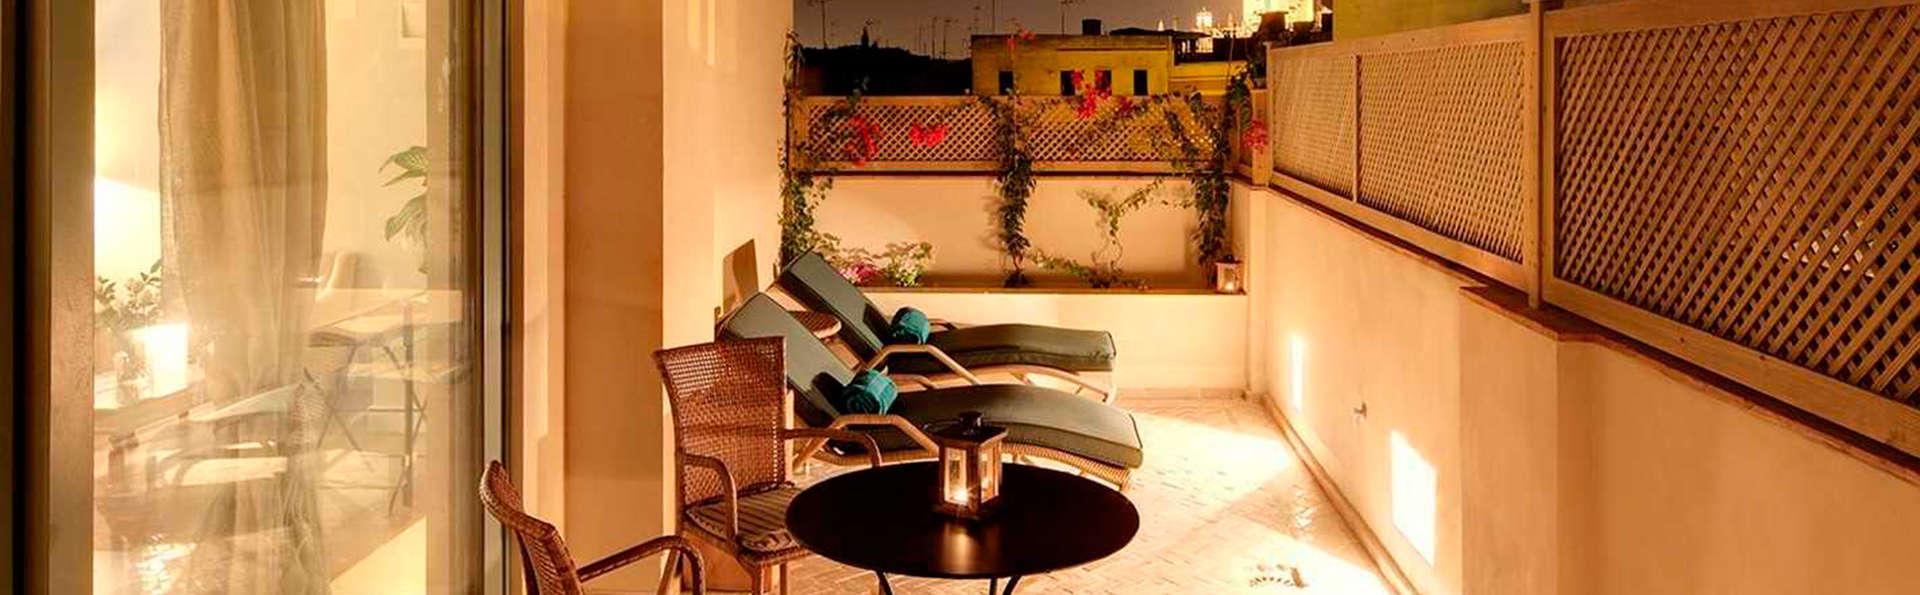 Spécial terrasse: séjour au cœur de Séville et dégustation d'une délicieuse boisson